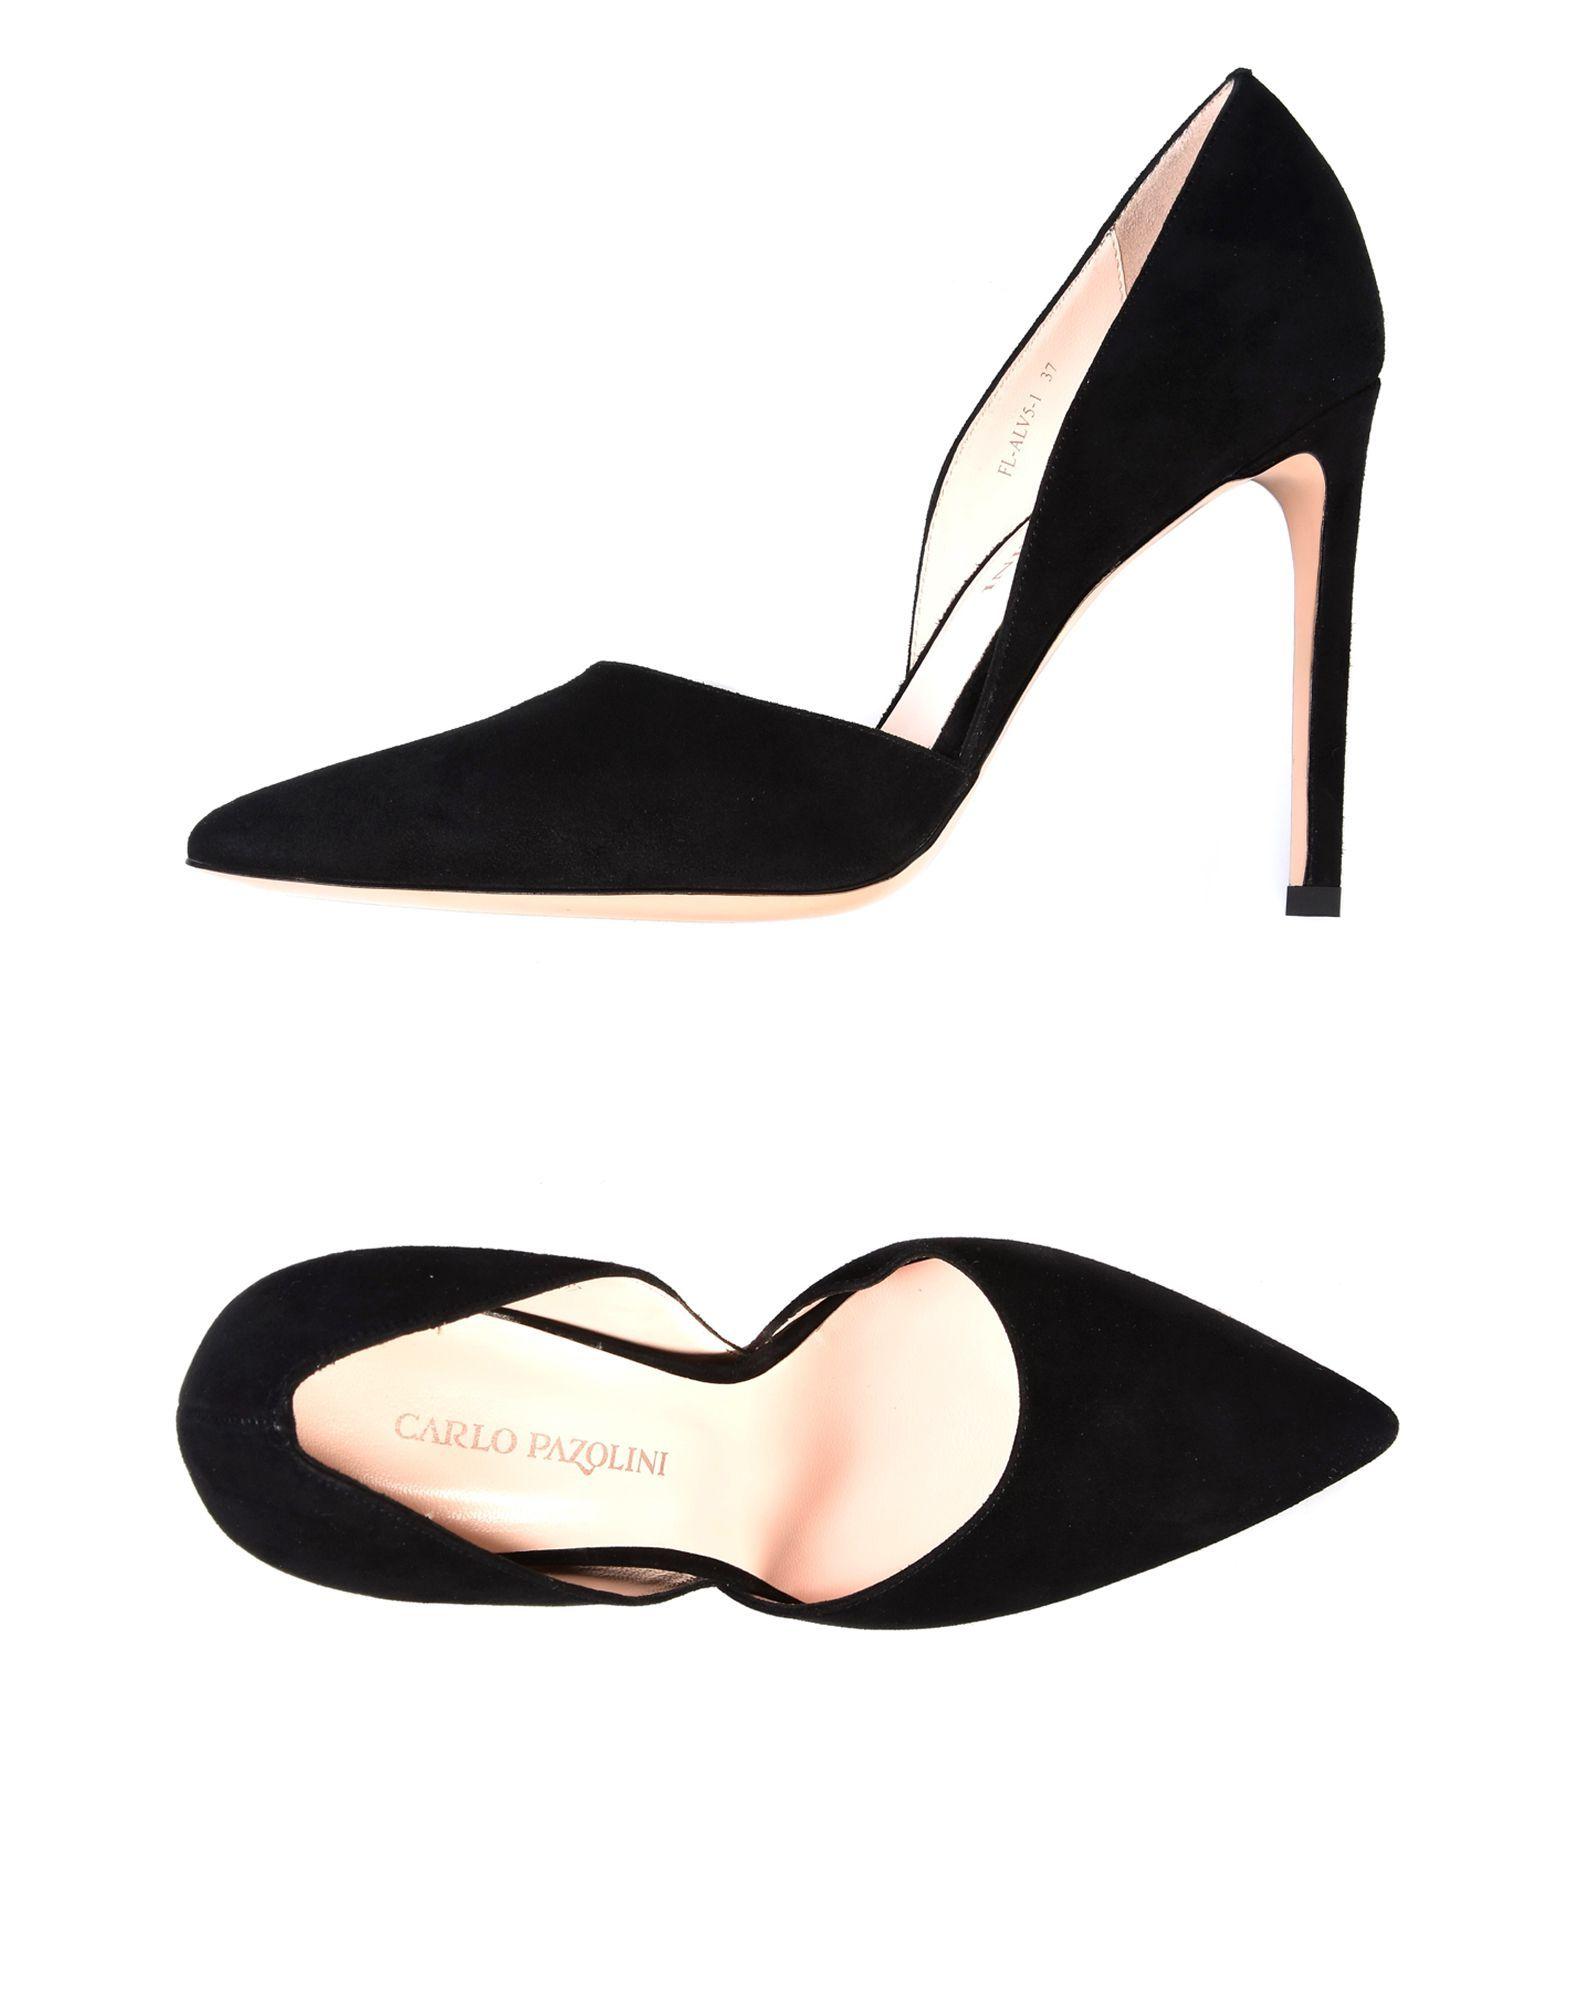 Carlo Pazolini Black Suede Heels